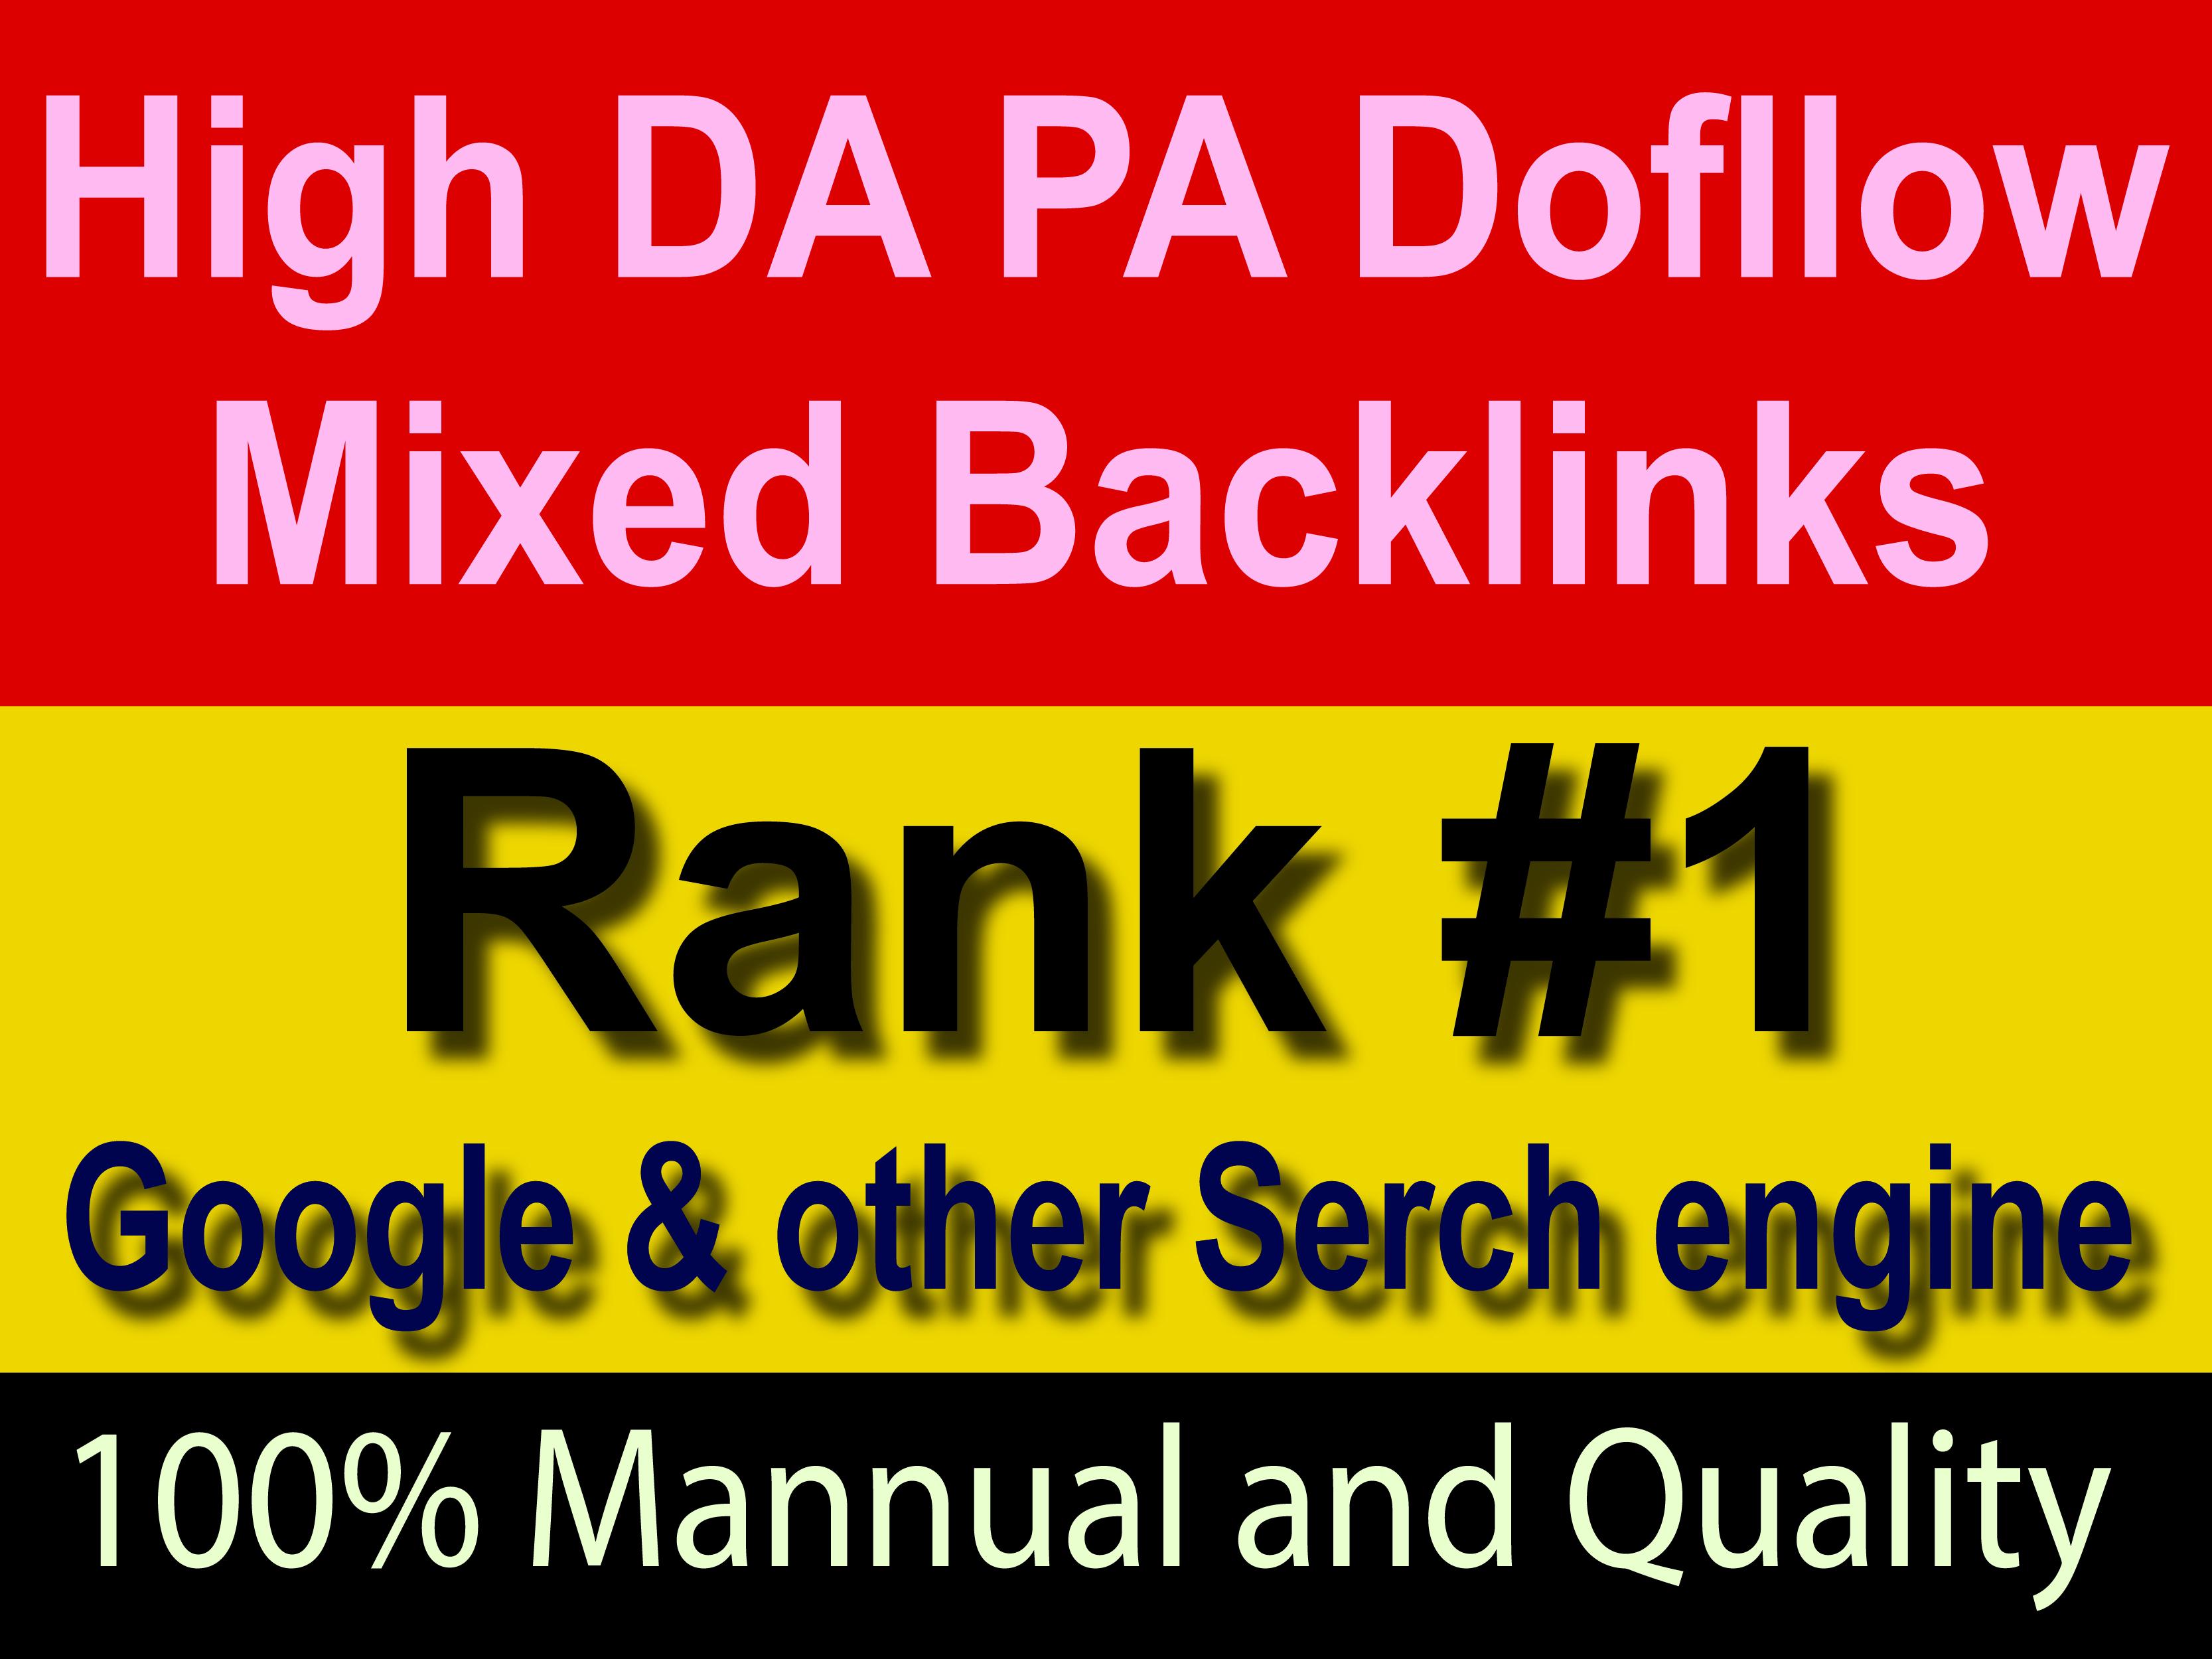 Make Manually 30 HQ DA70+ Mixed Backlink Permanent Post help to rank Google No 1